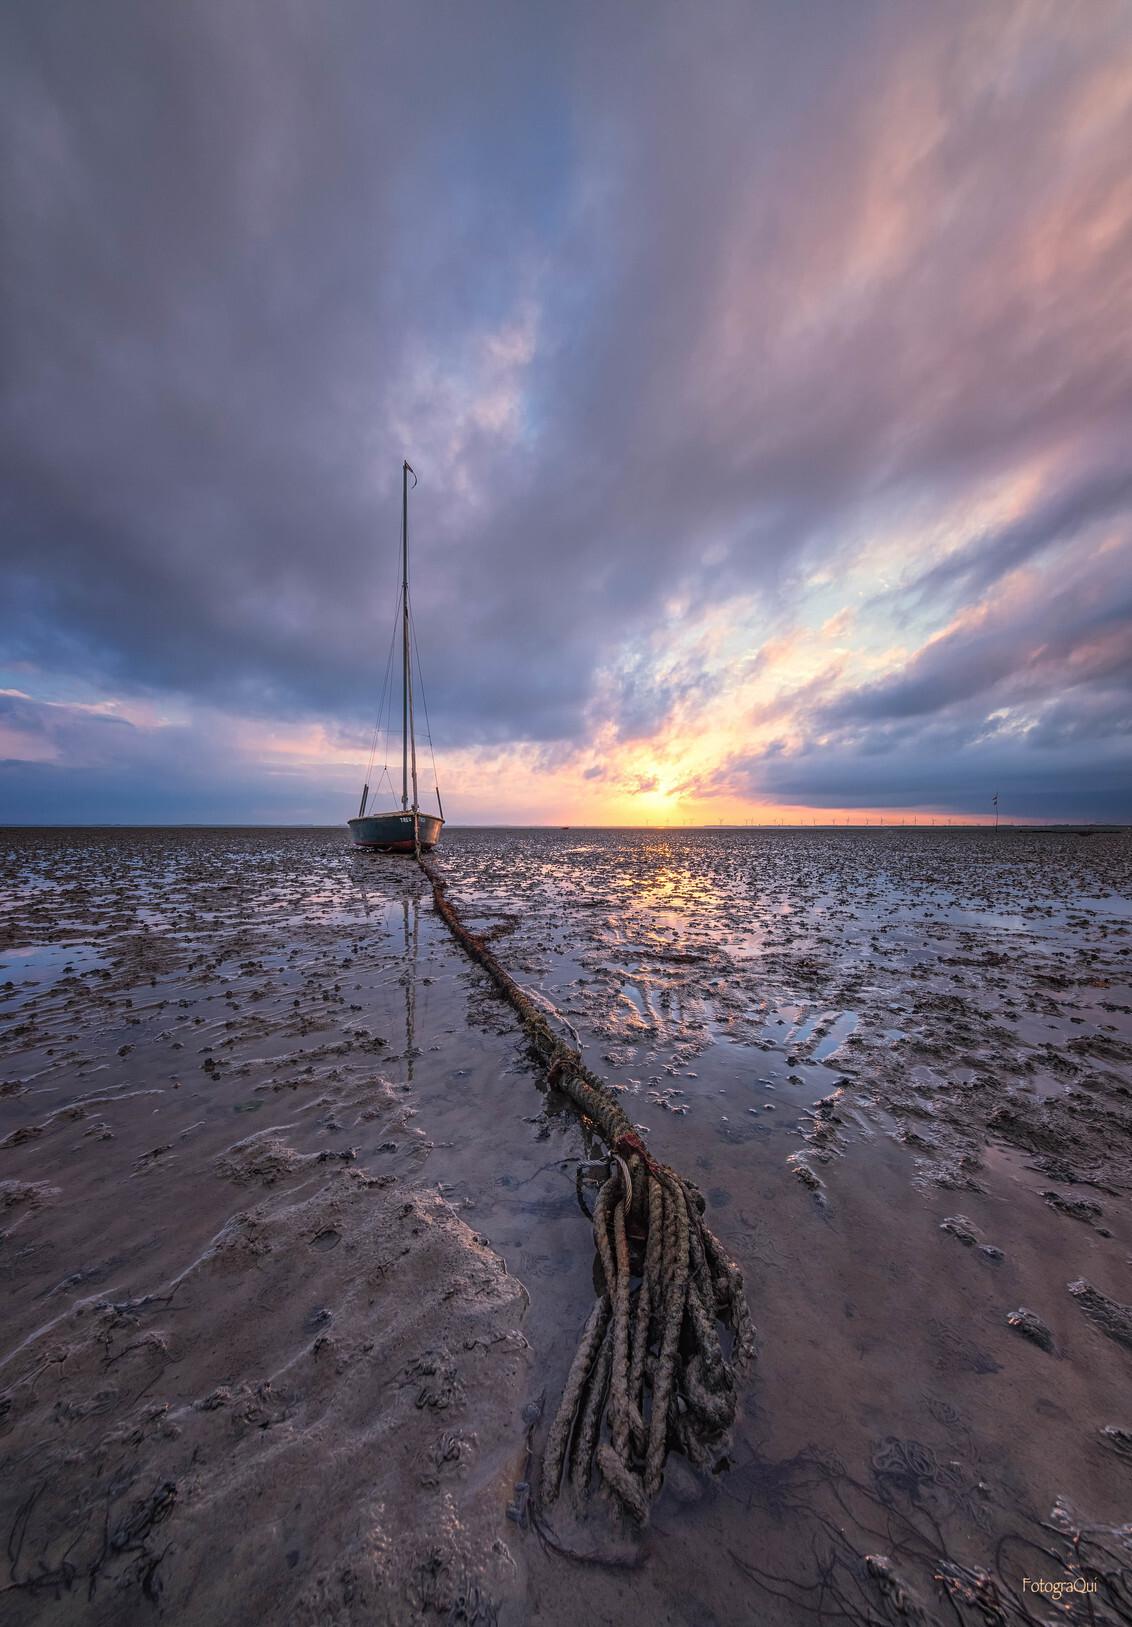 The Line - Wat was het prachtig, zaterdagmorgen. Althans, even... want hier gold; ochtendrood, regen in de sloot...  Hartelijk dank voor de fijne reacties op  - foto door FotograQui op 03-05-2020 - deze foto bevat: lucht, wolken, zon, zee, water, natuur, boot, landschap, zonsopkomst, nikon, zeeland, kust, oosterschelde, irix